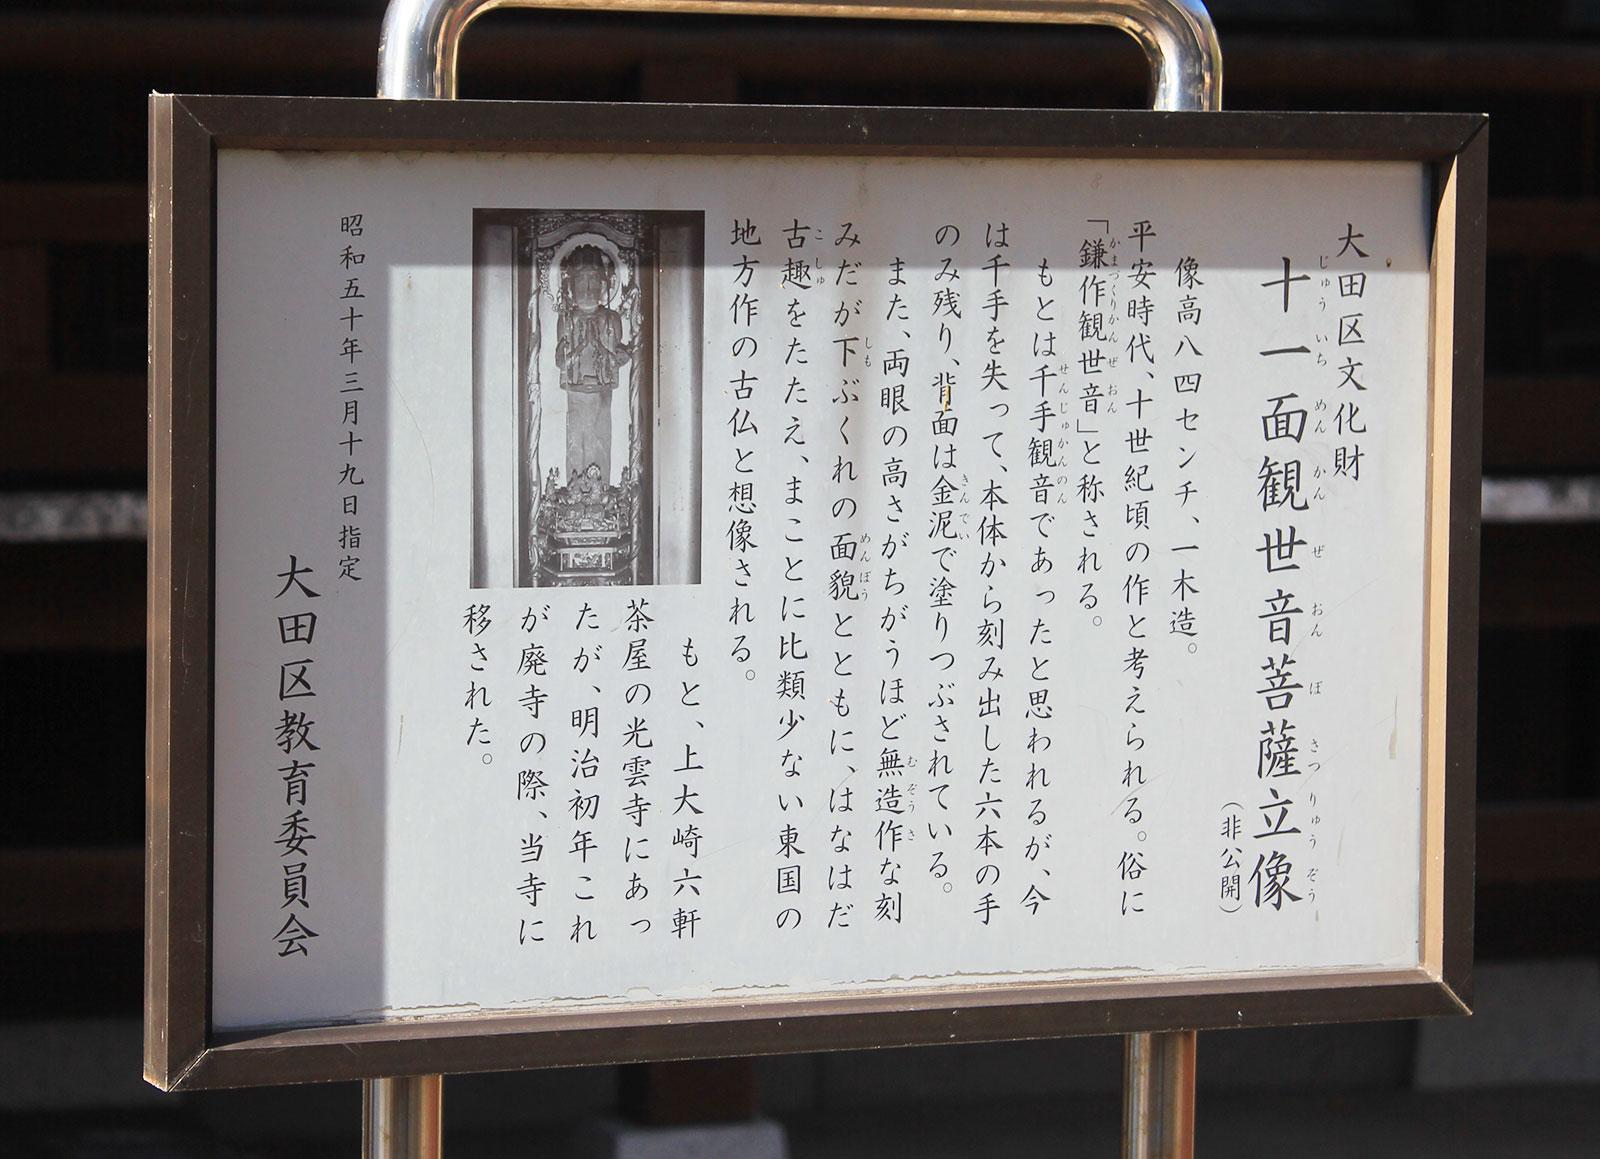 鎌作観音説明板